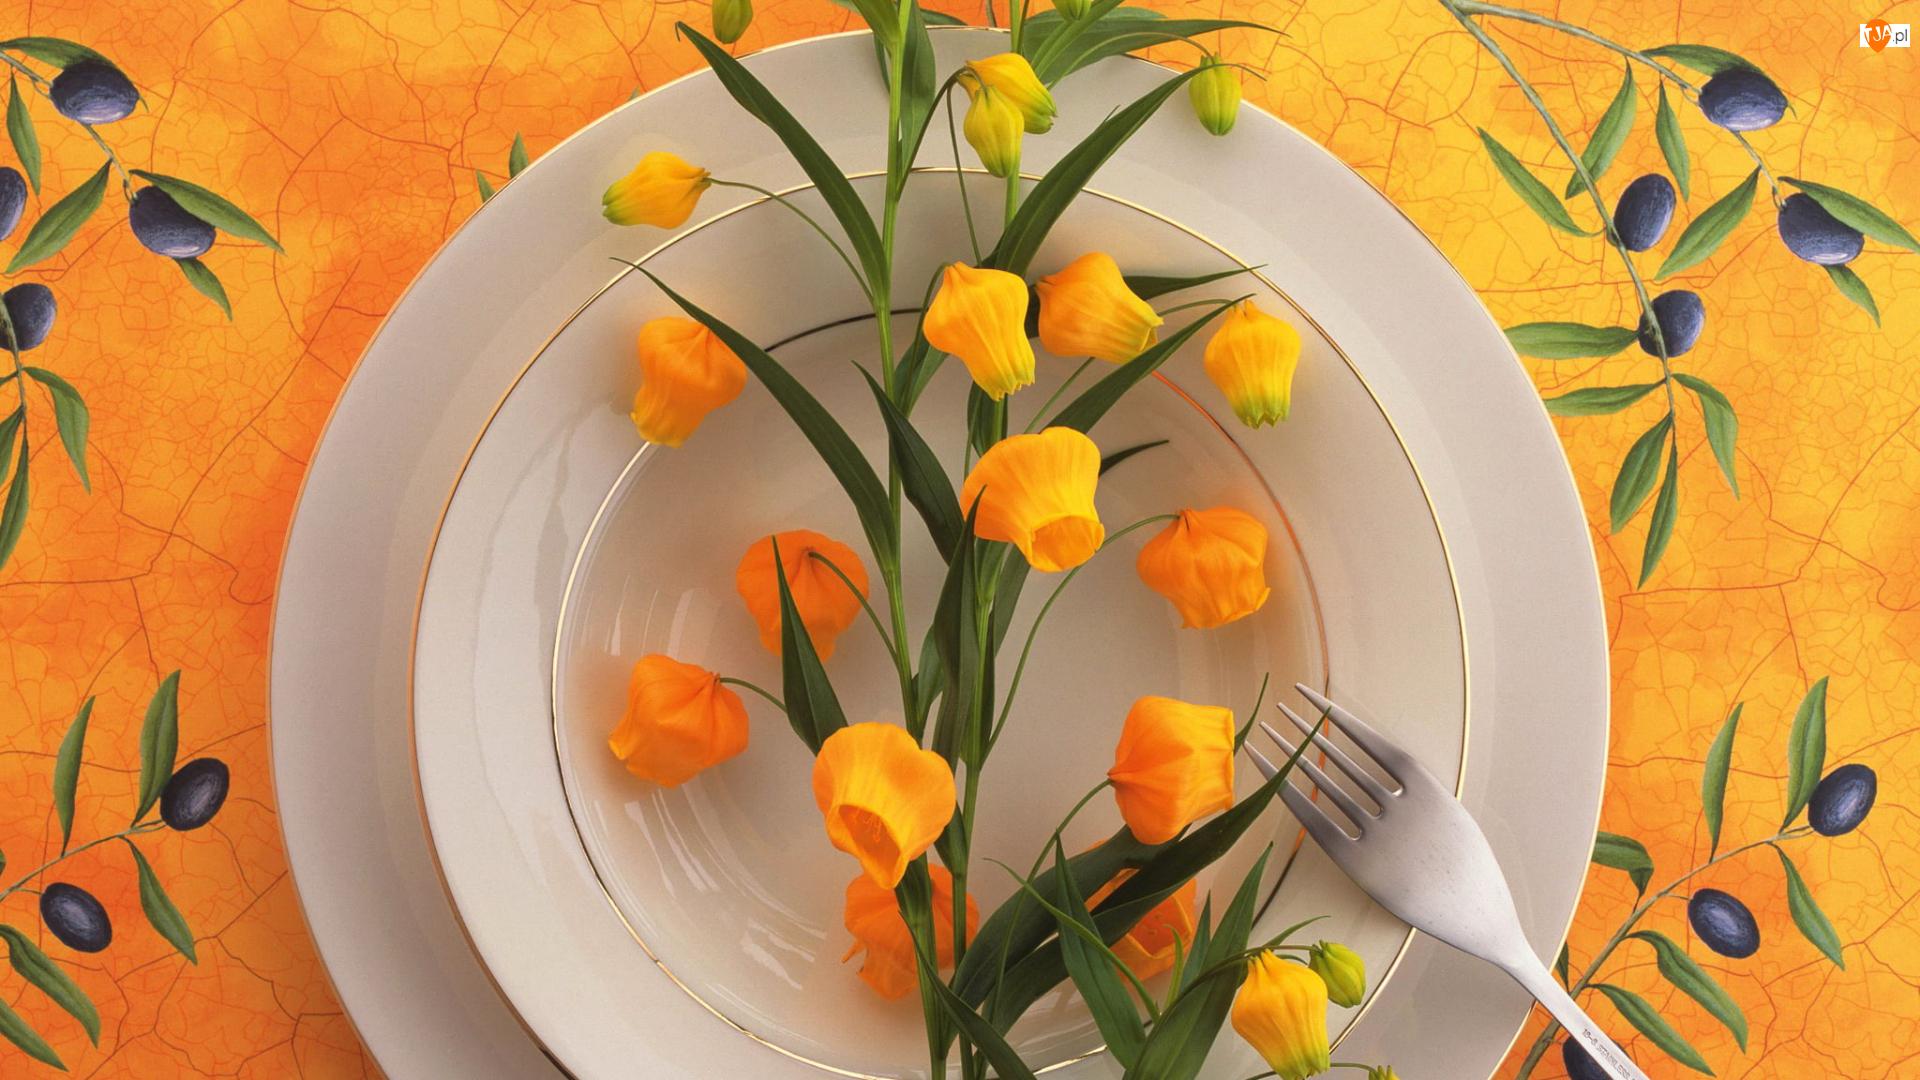 Kwiaty, Żółte, Widelec, Oliwne, Talerze, Gałązki